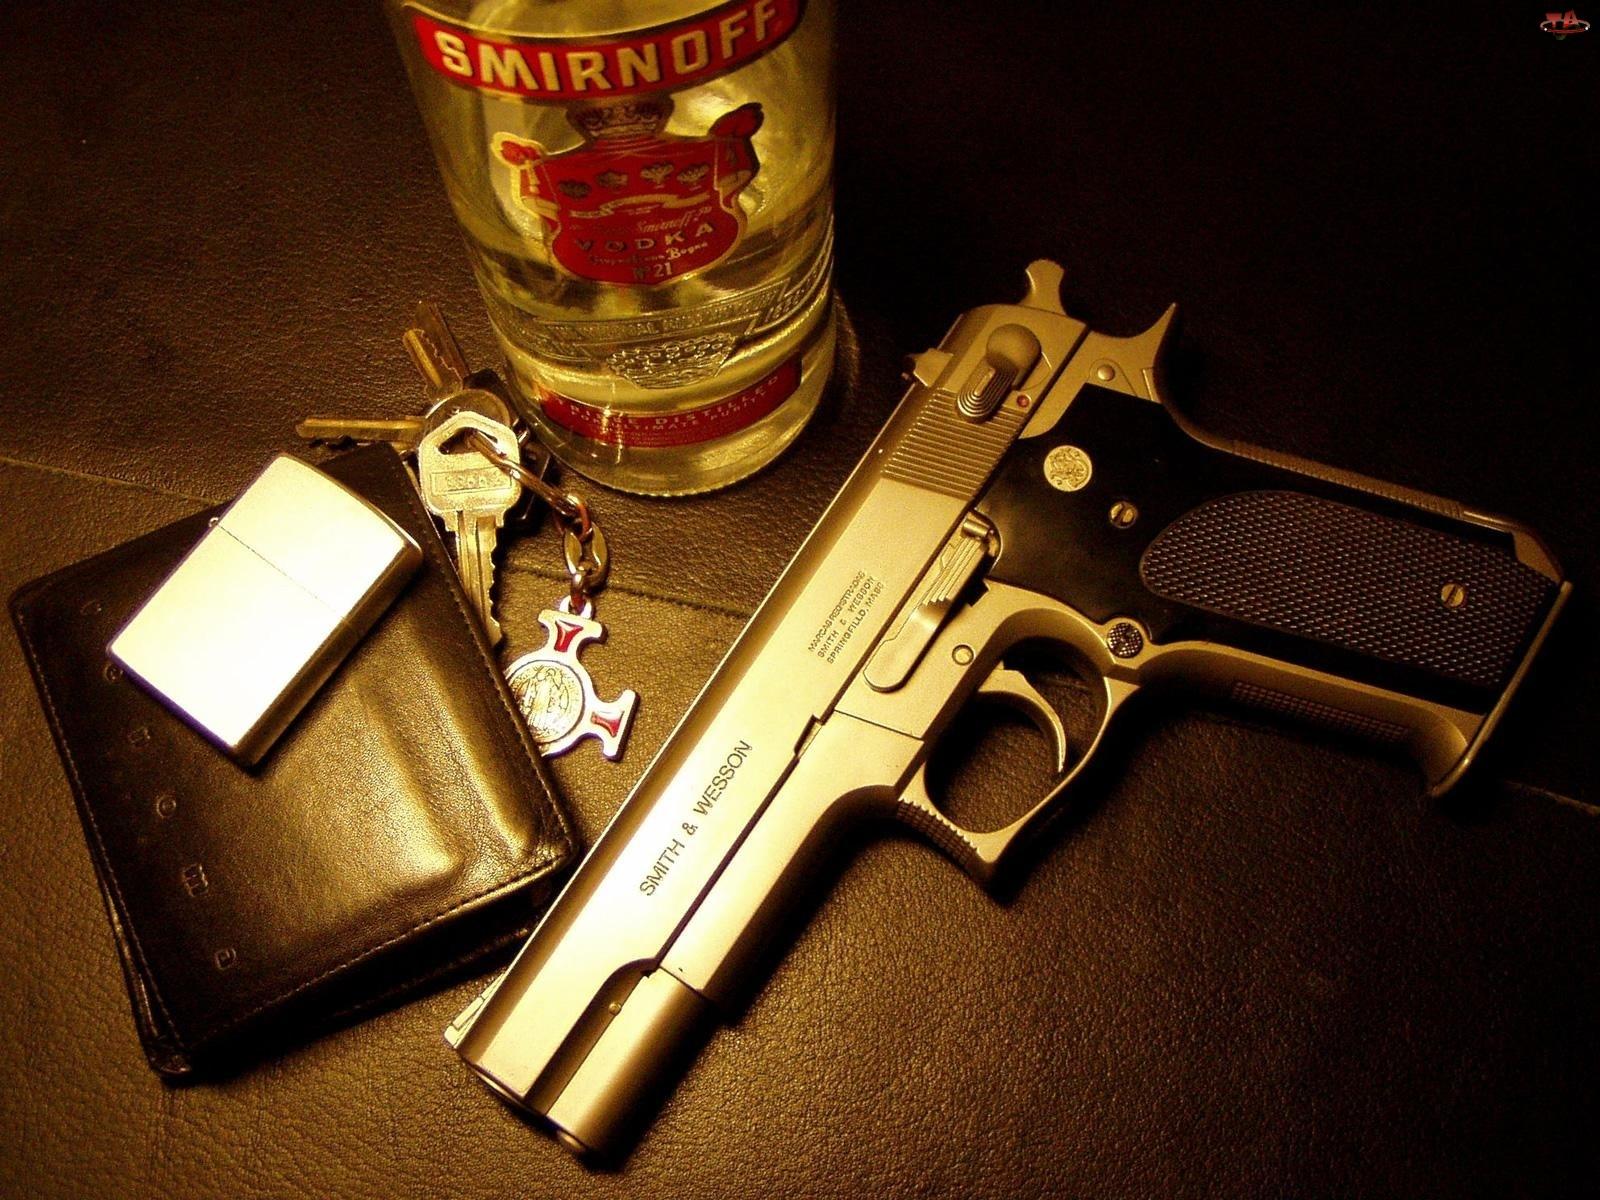 Pistolet, Zapalniczka, Wódka, Klucze, Smirnoff, Portfel